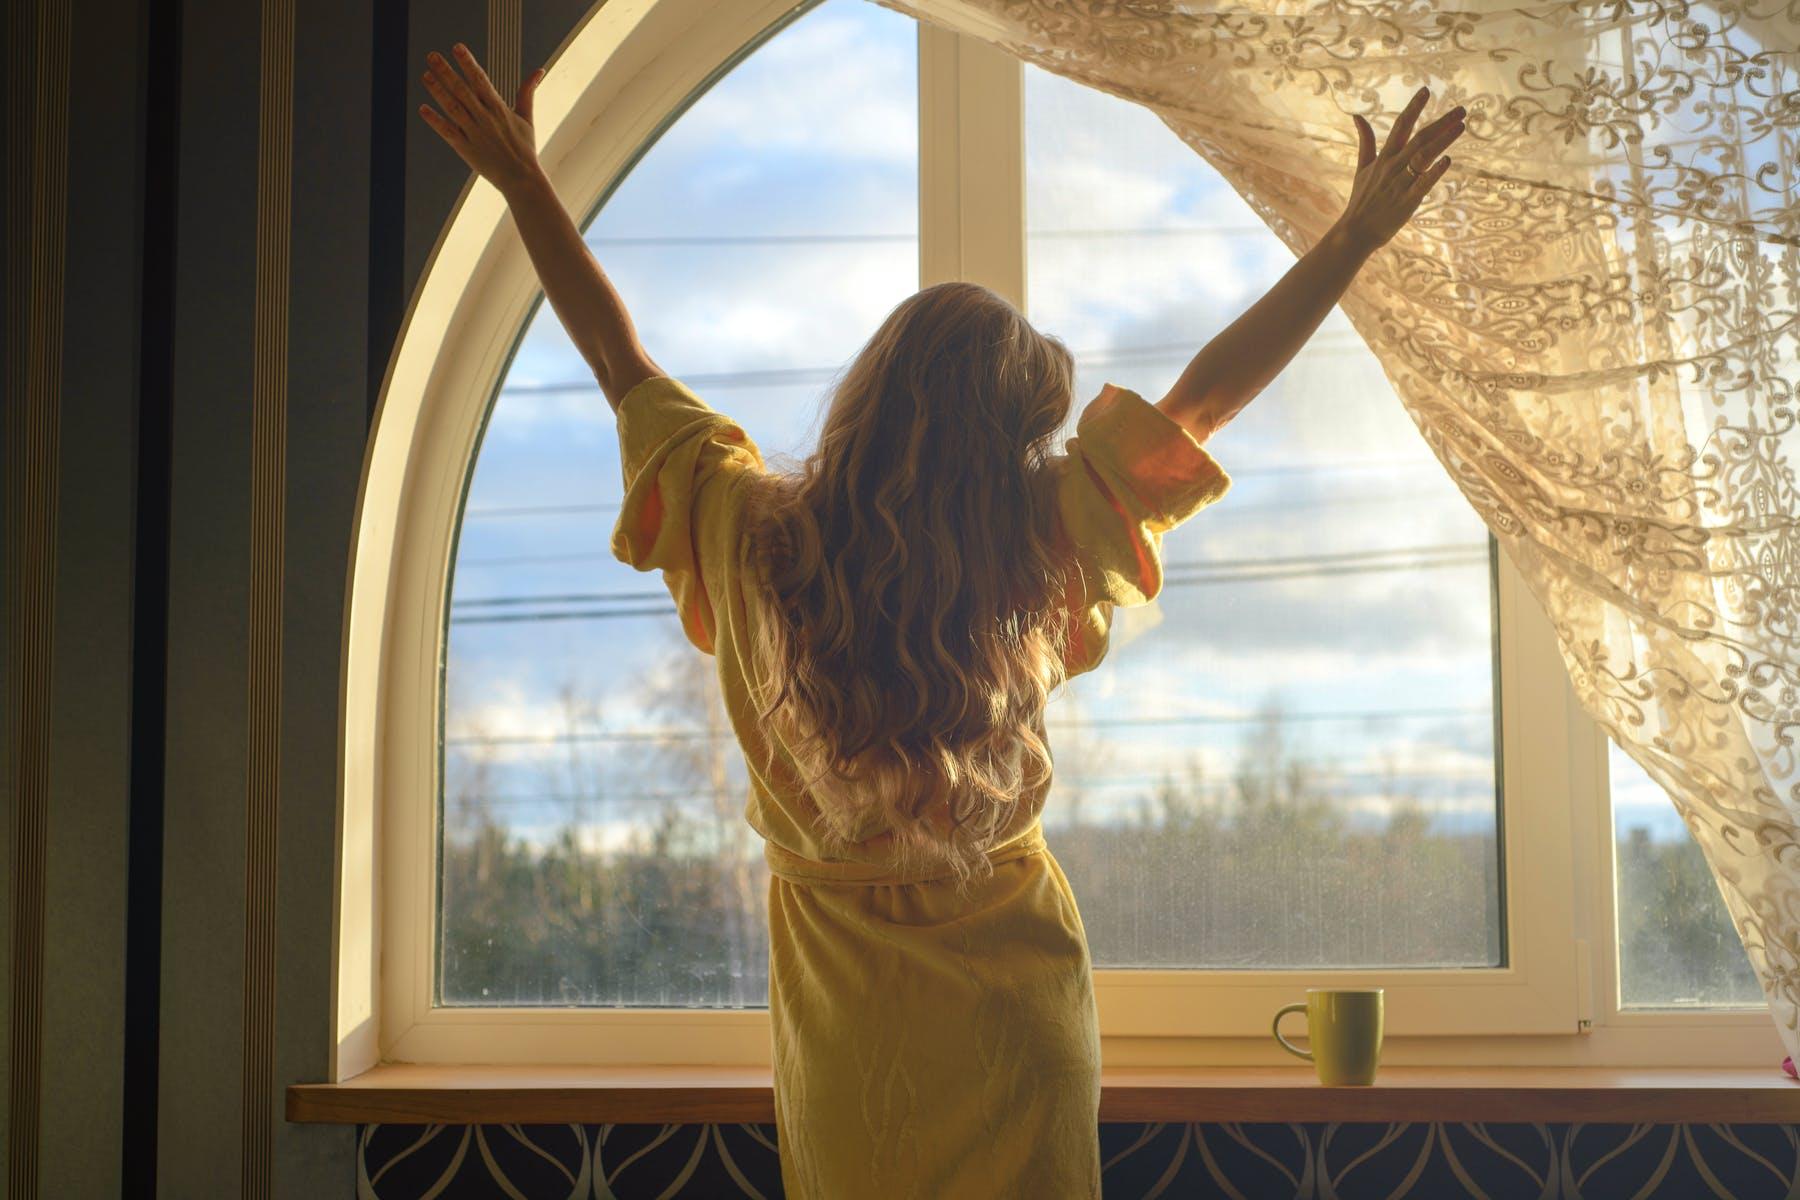 Frau streckt sich vor Fenster im Holzhaus